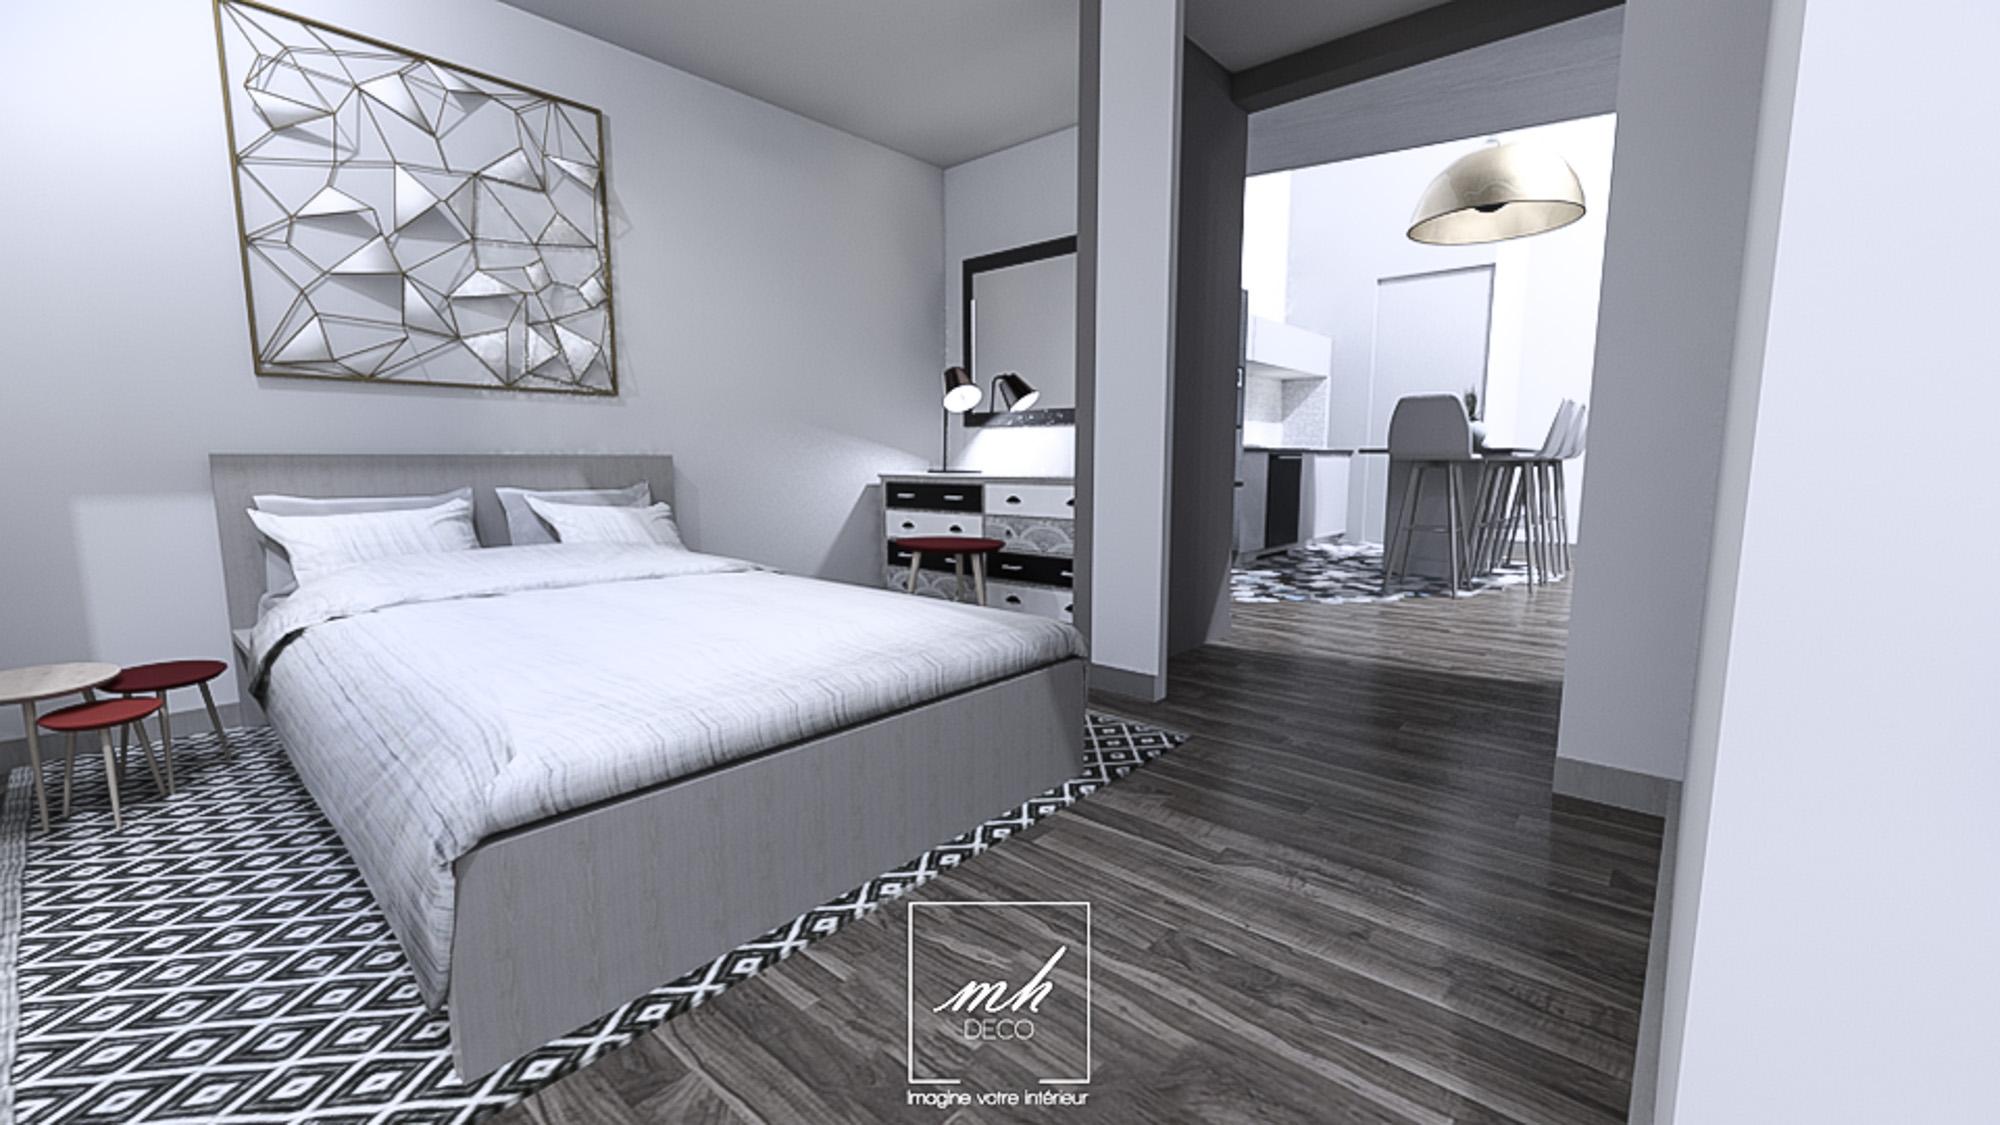 mh-deco-interieur-montpellier-vente-appartement-6